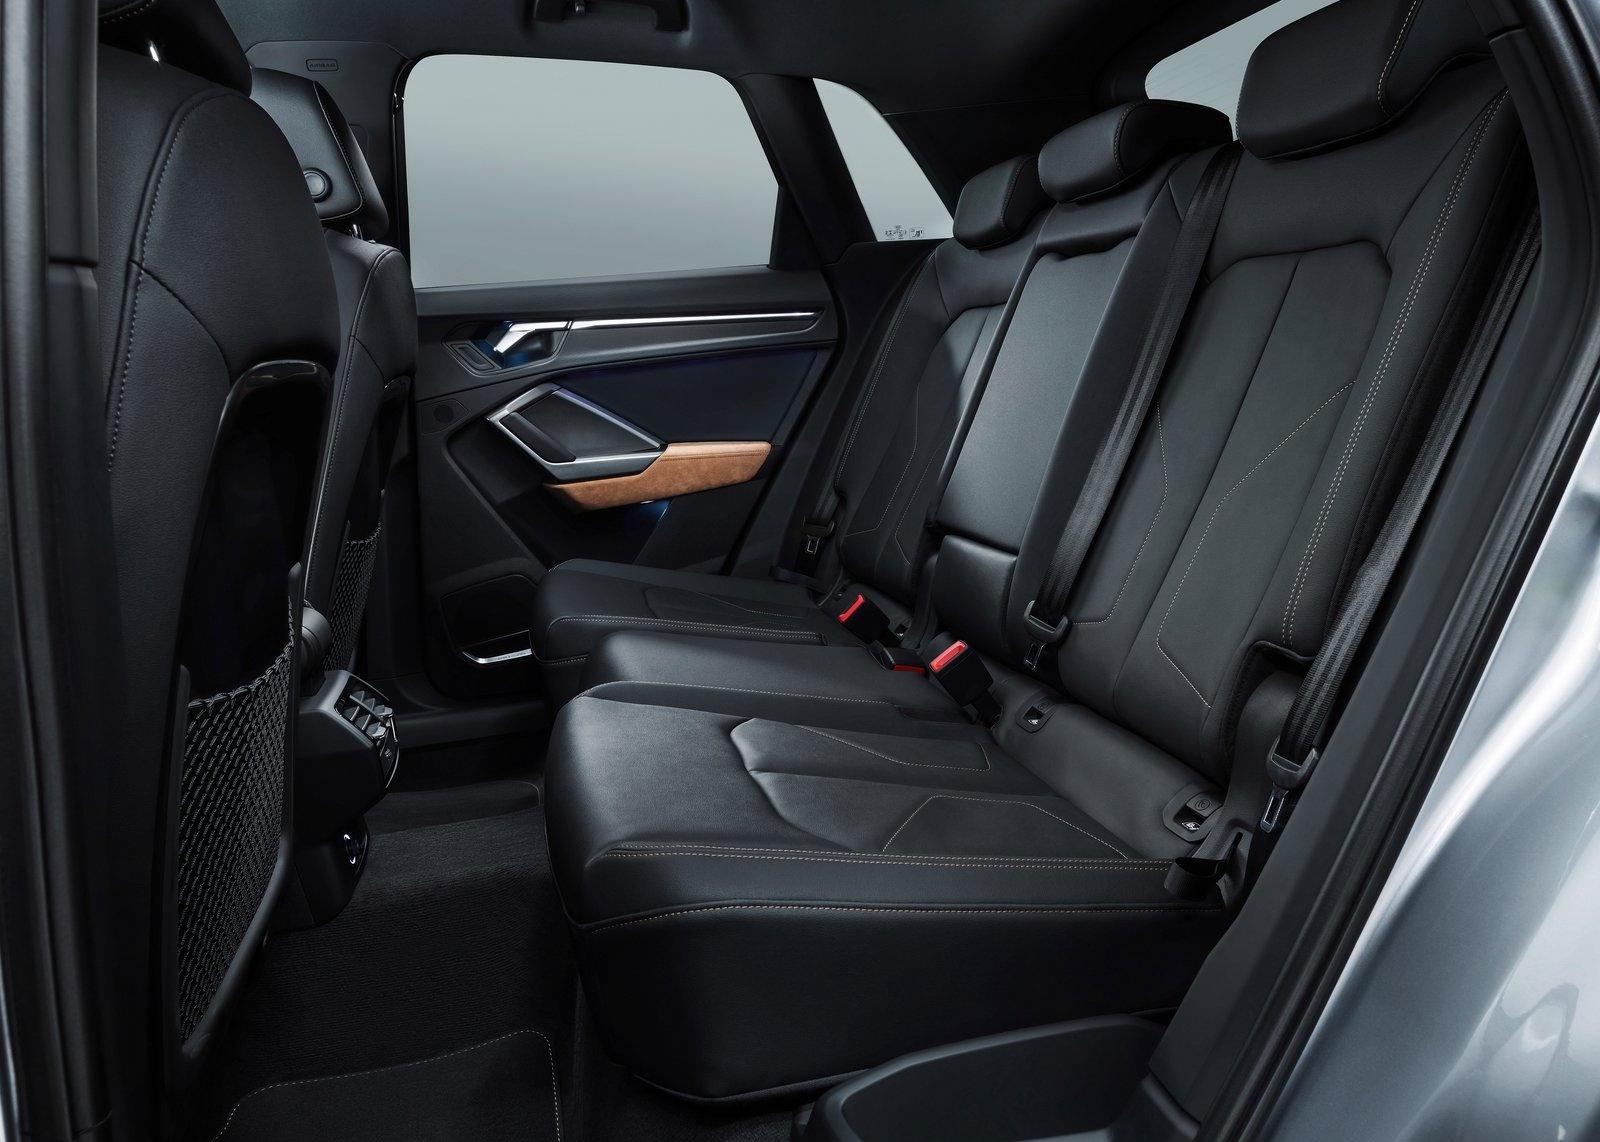 2019 Audi Q3-rear seats